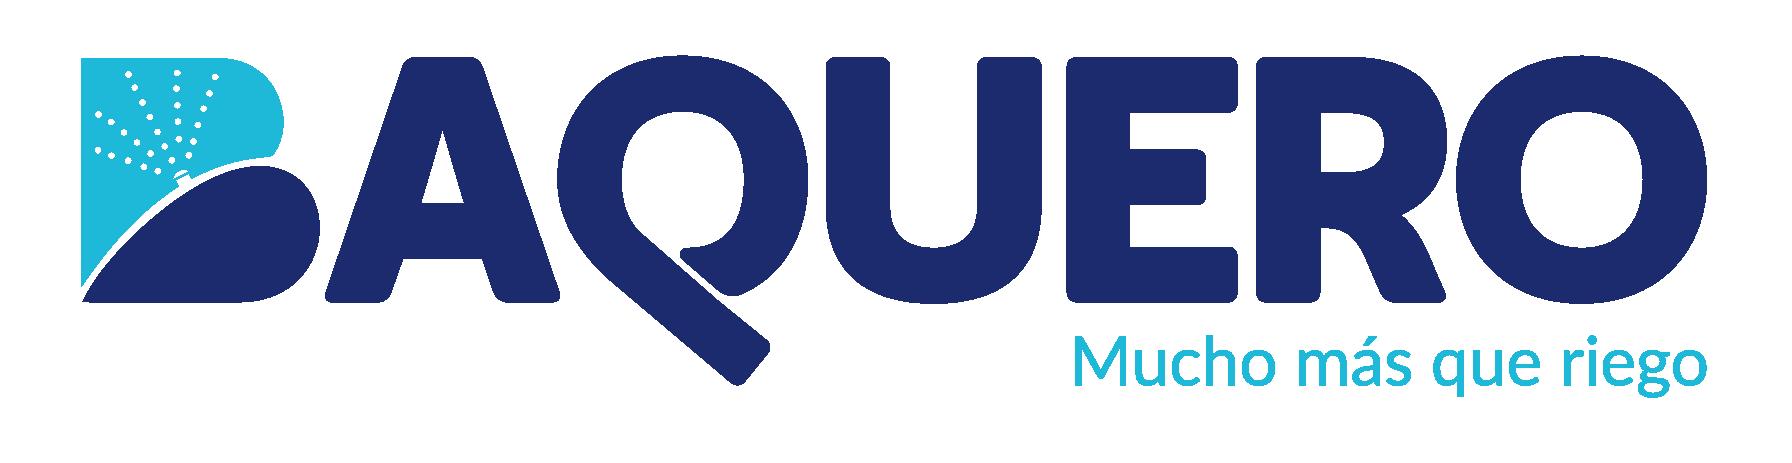 BAQUERO Visual ID